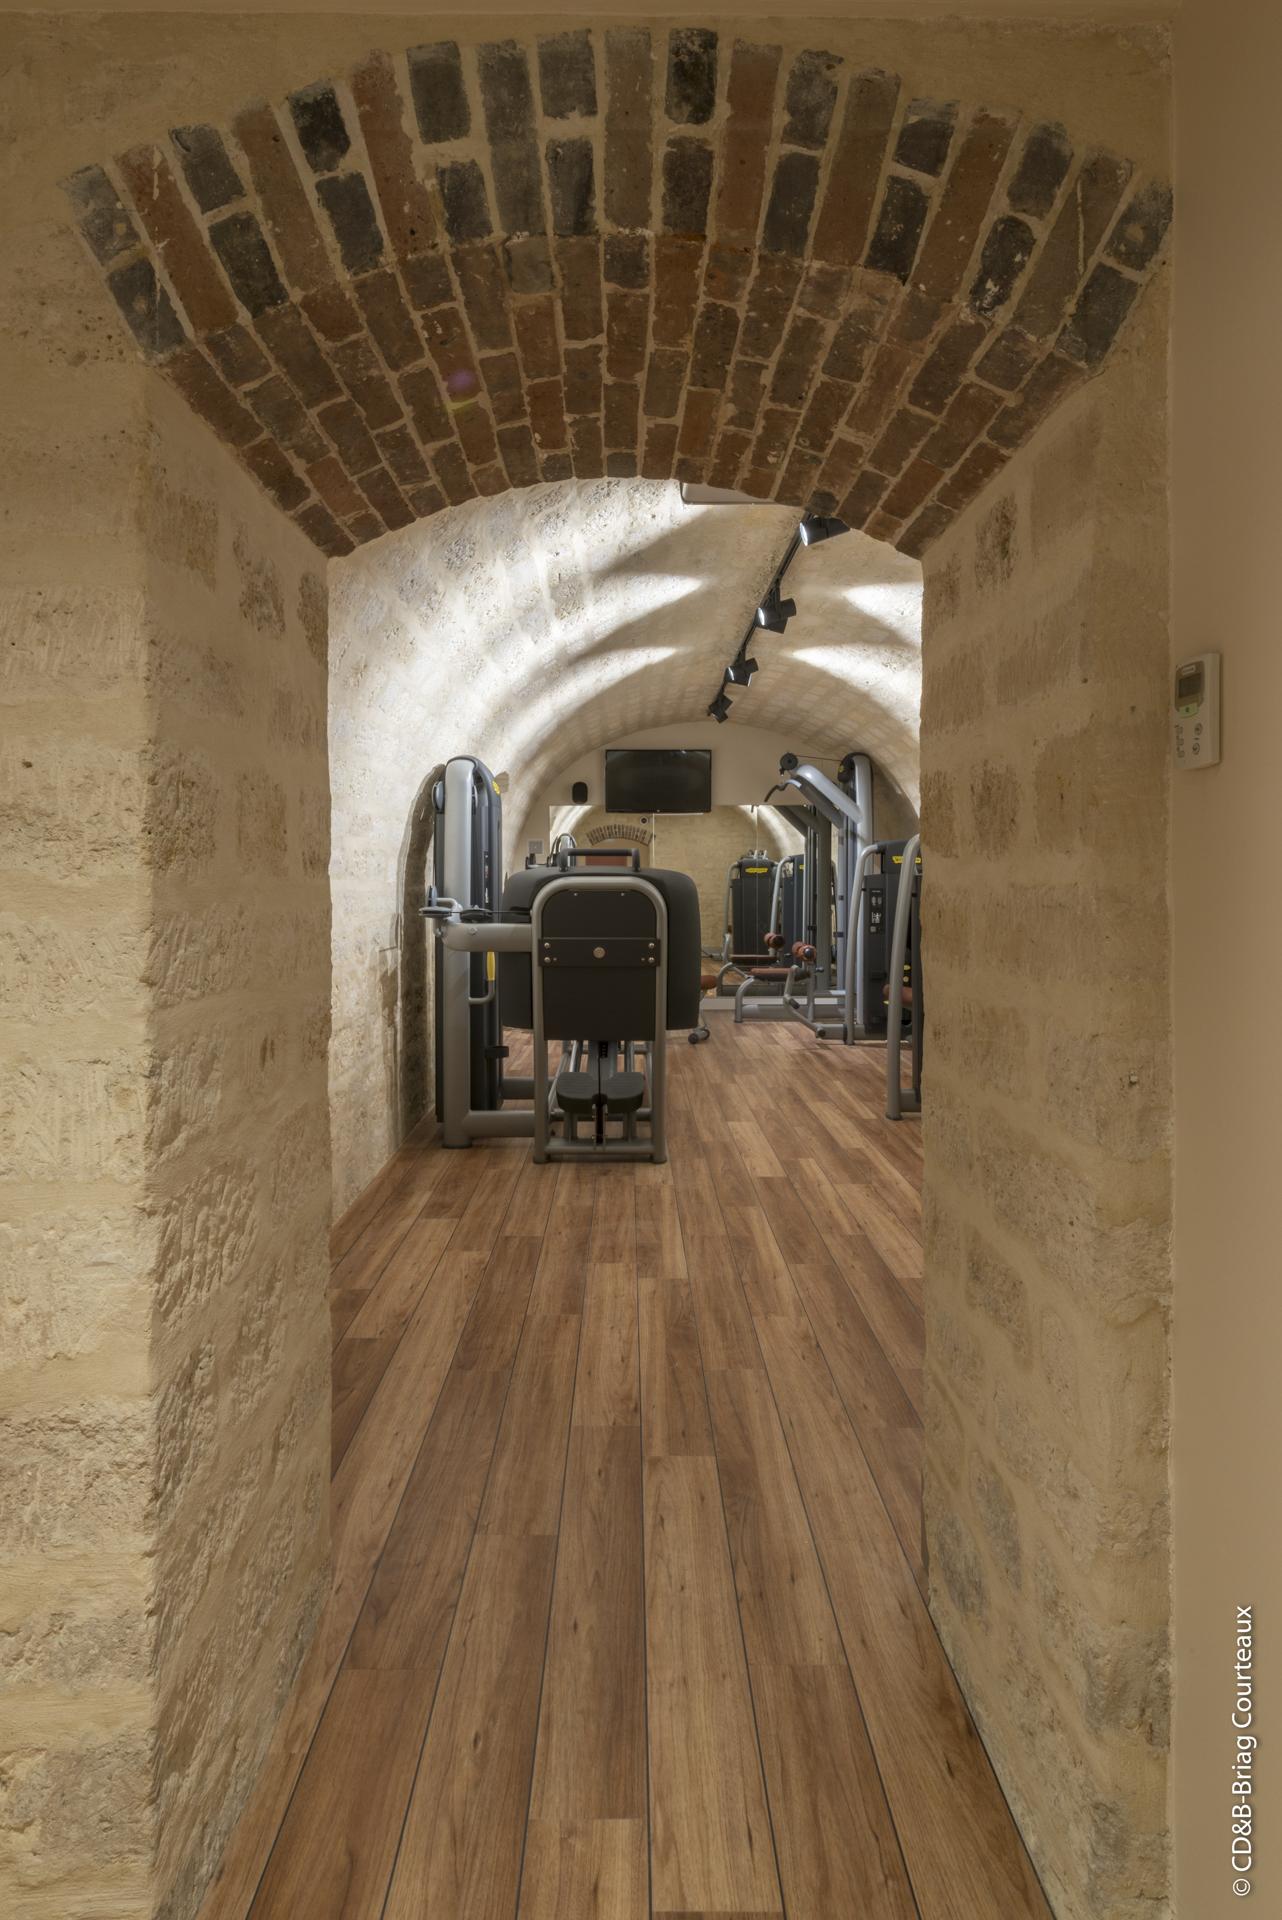 Conseil, aménagement, conception et réalisation d'une salle de sport pour la banque d'affaire Lazard Frères par CDB, Meet you there.